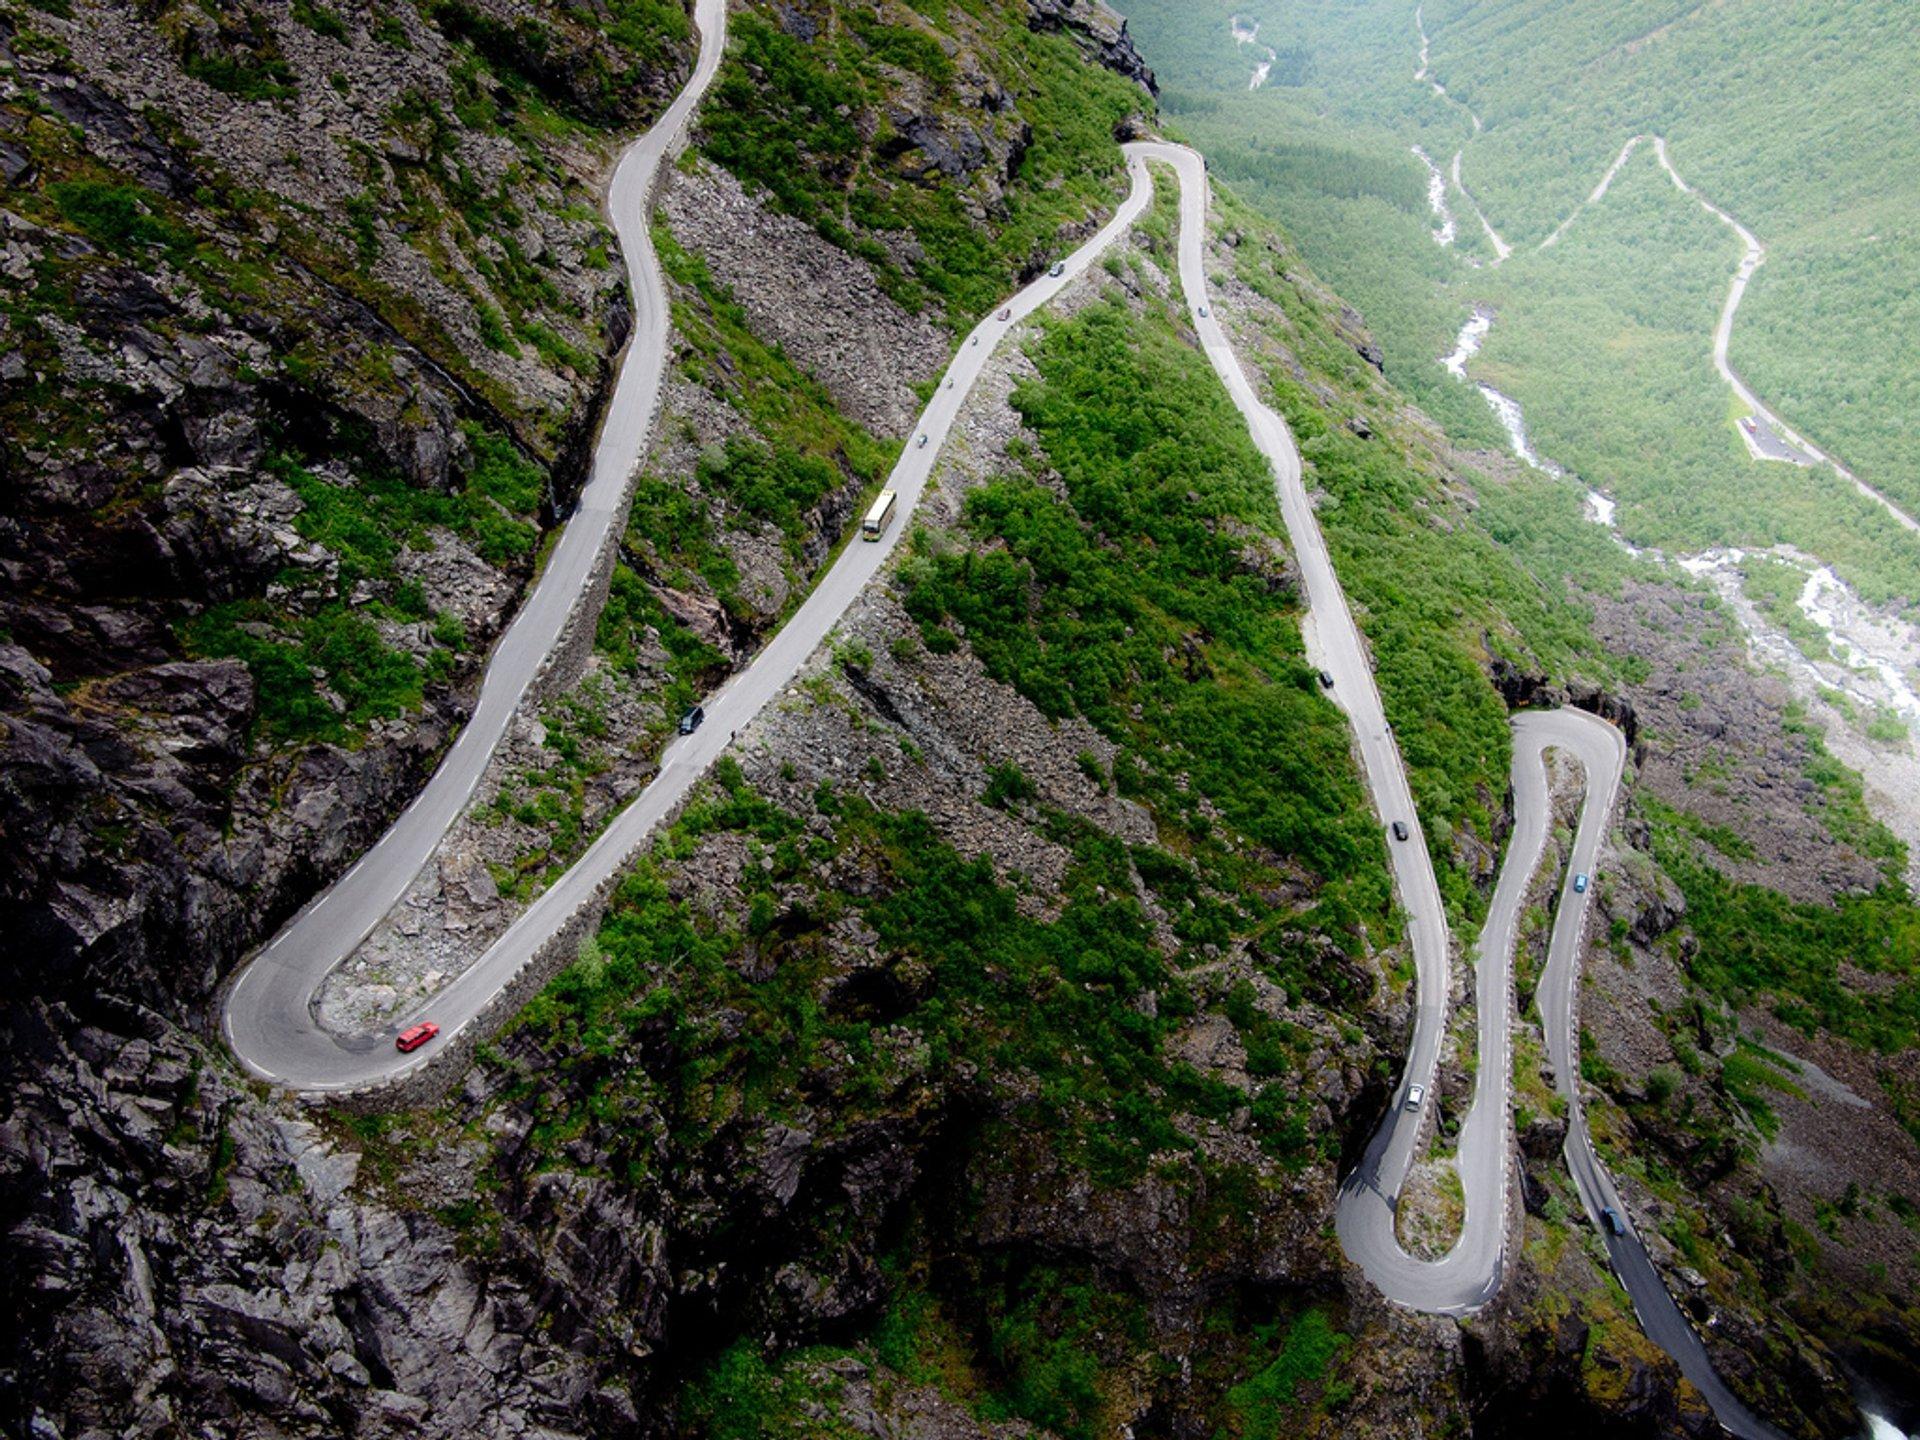 Trollstigen—the Troll's Road in Norway 2019 - Best Time